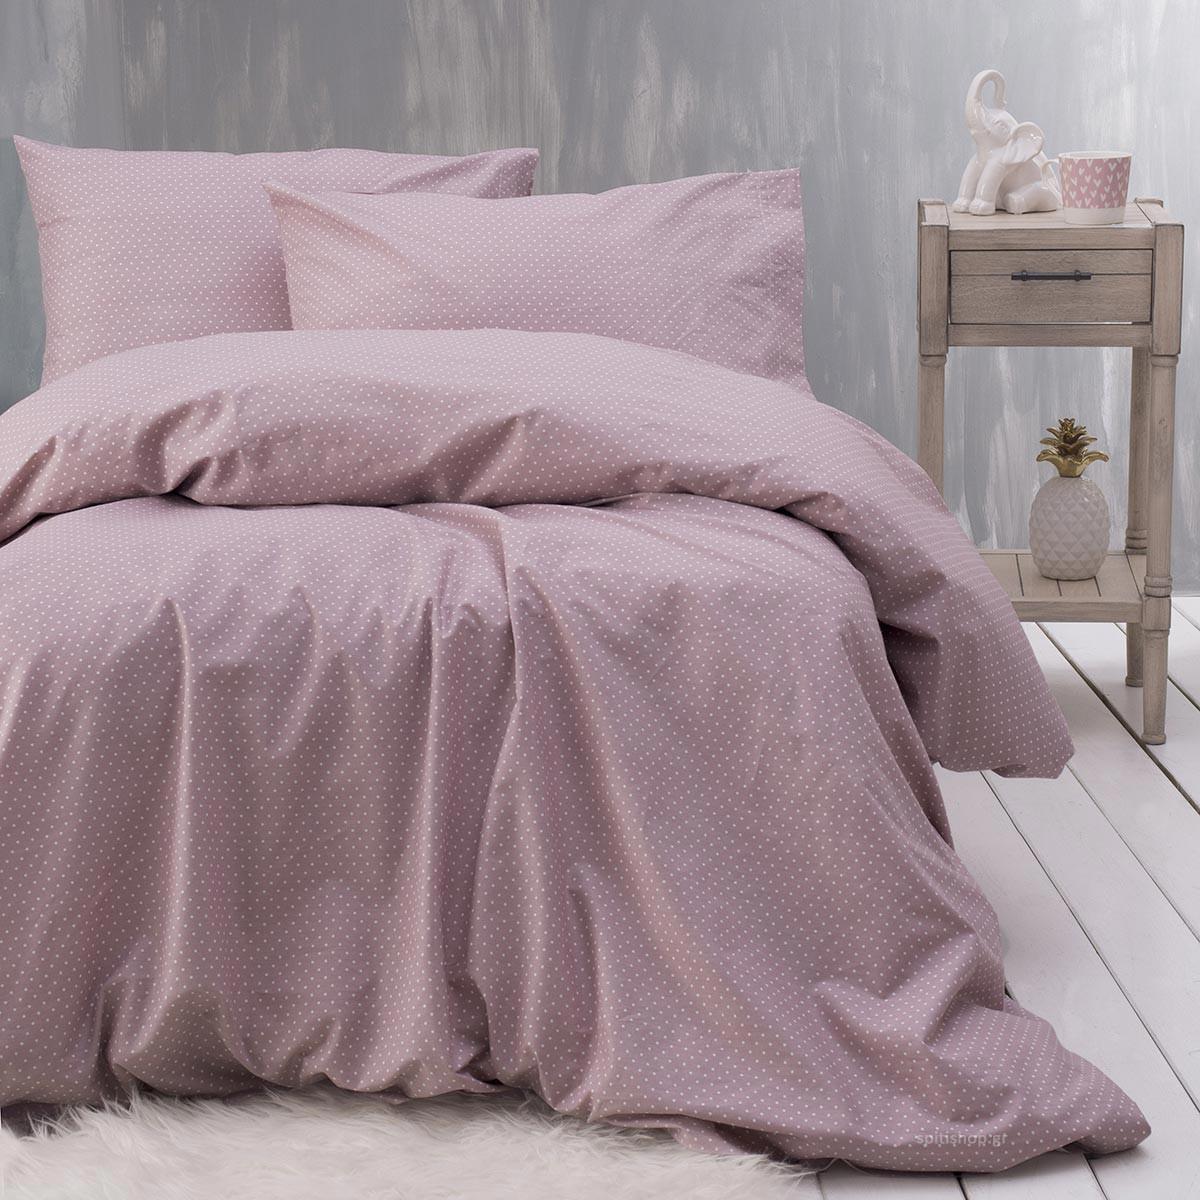 Σεντόνια Μονά (Σετ) Rythmos Symbol Dotty Pink ΧΩΡΙΣ ΛΑΣΤΙΧΟ 160×260 ΧΩΡΙΣ ΛΑΣΤΙΧΟ 160×260